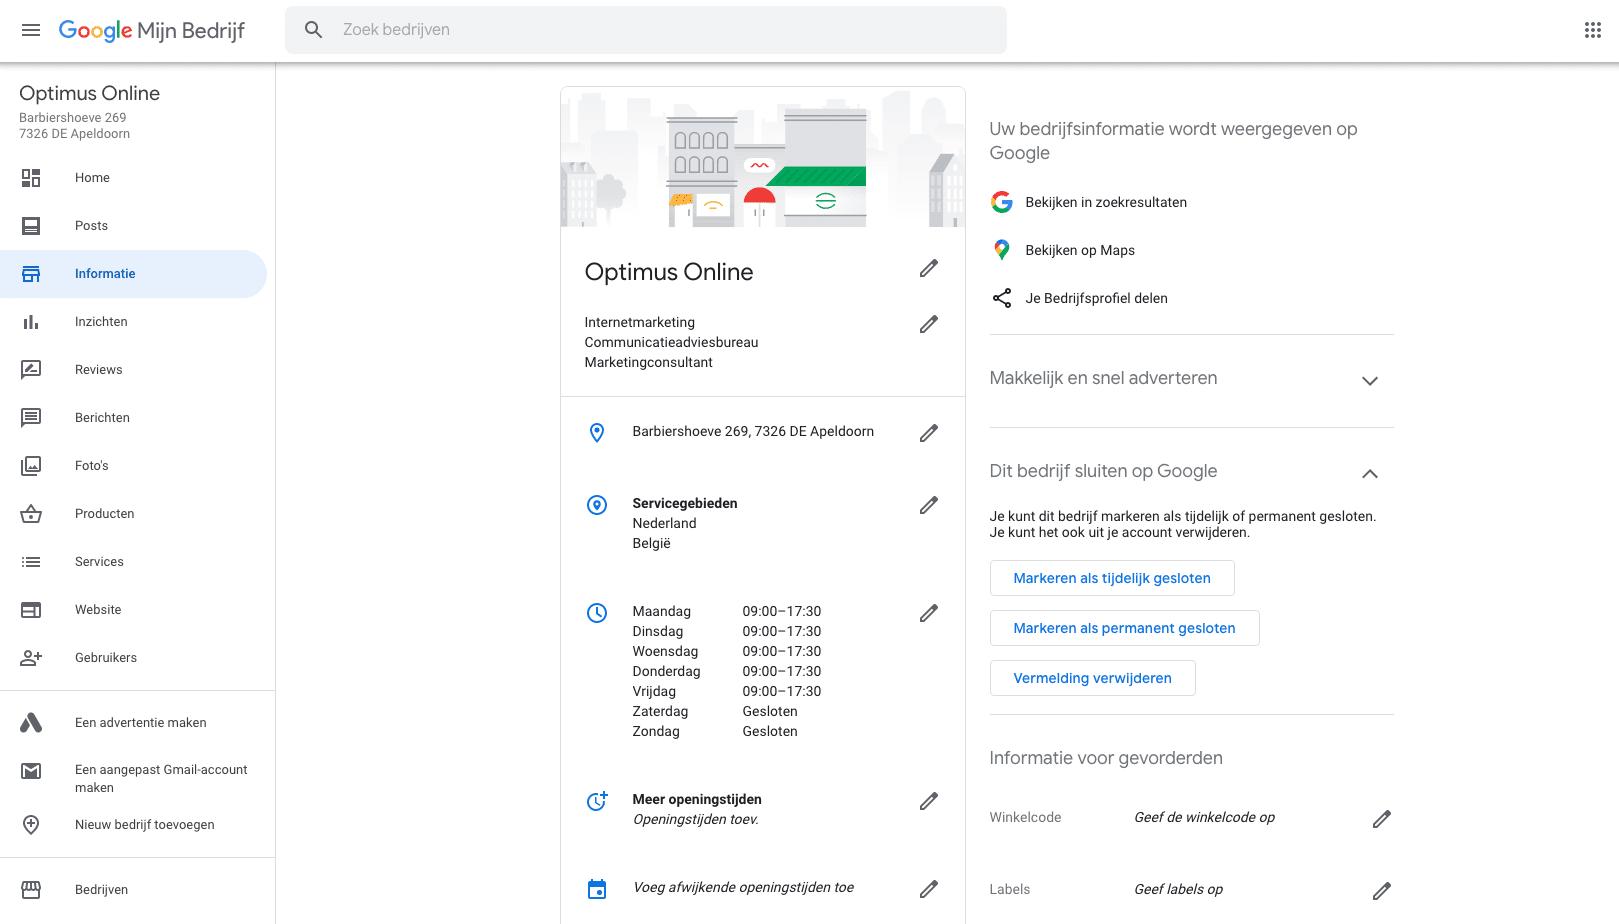 Schermafbeelding van Google Mijn Bedrijf in onderdeel 'Informatie' met alle basisinformatie inclusief openingstijden.